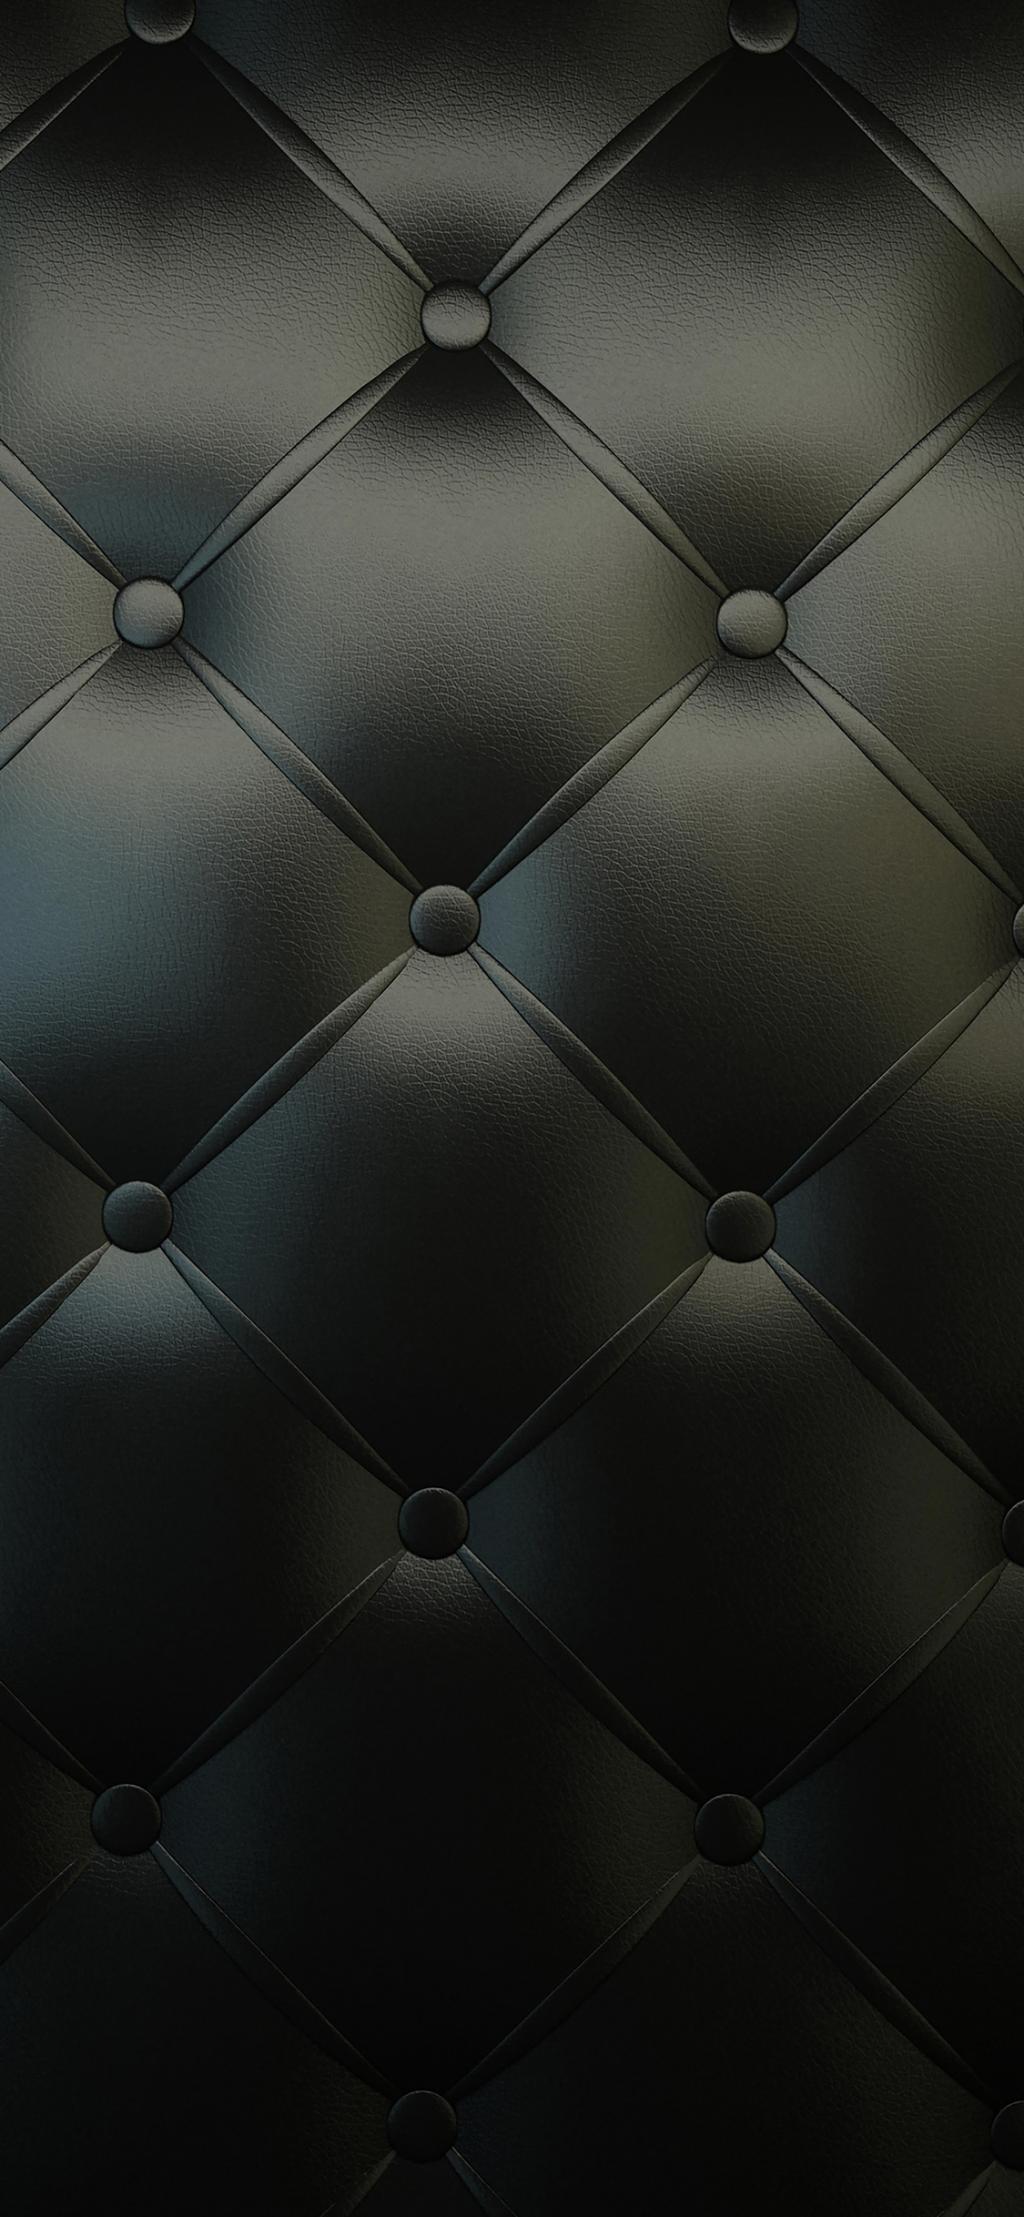 ソファpcの暗いテクスチャパターンの壁紙 ロック画面の画像 Hdの携帯電話の壁紙 代替 壁紙